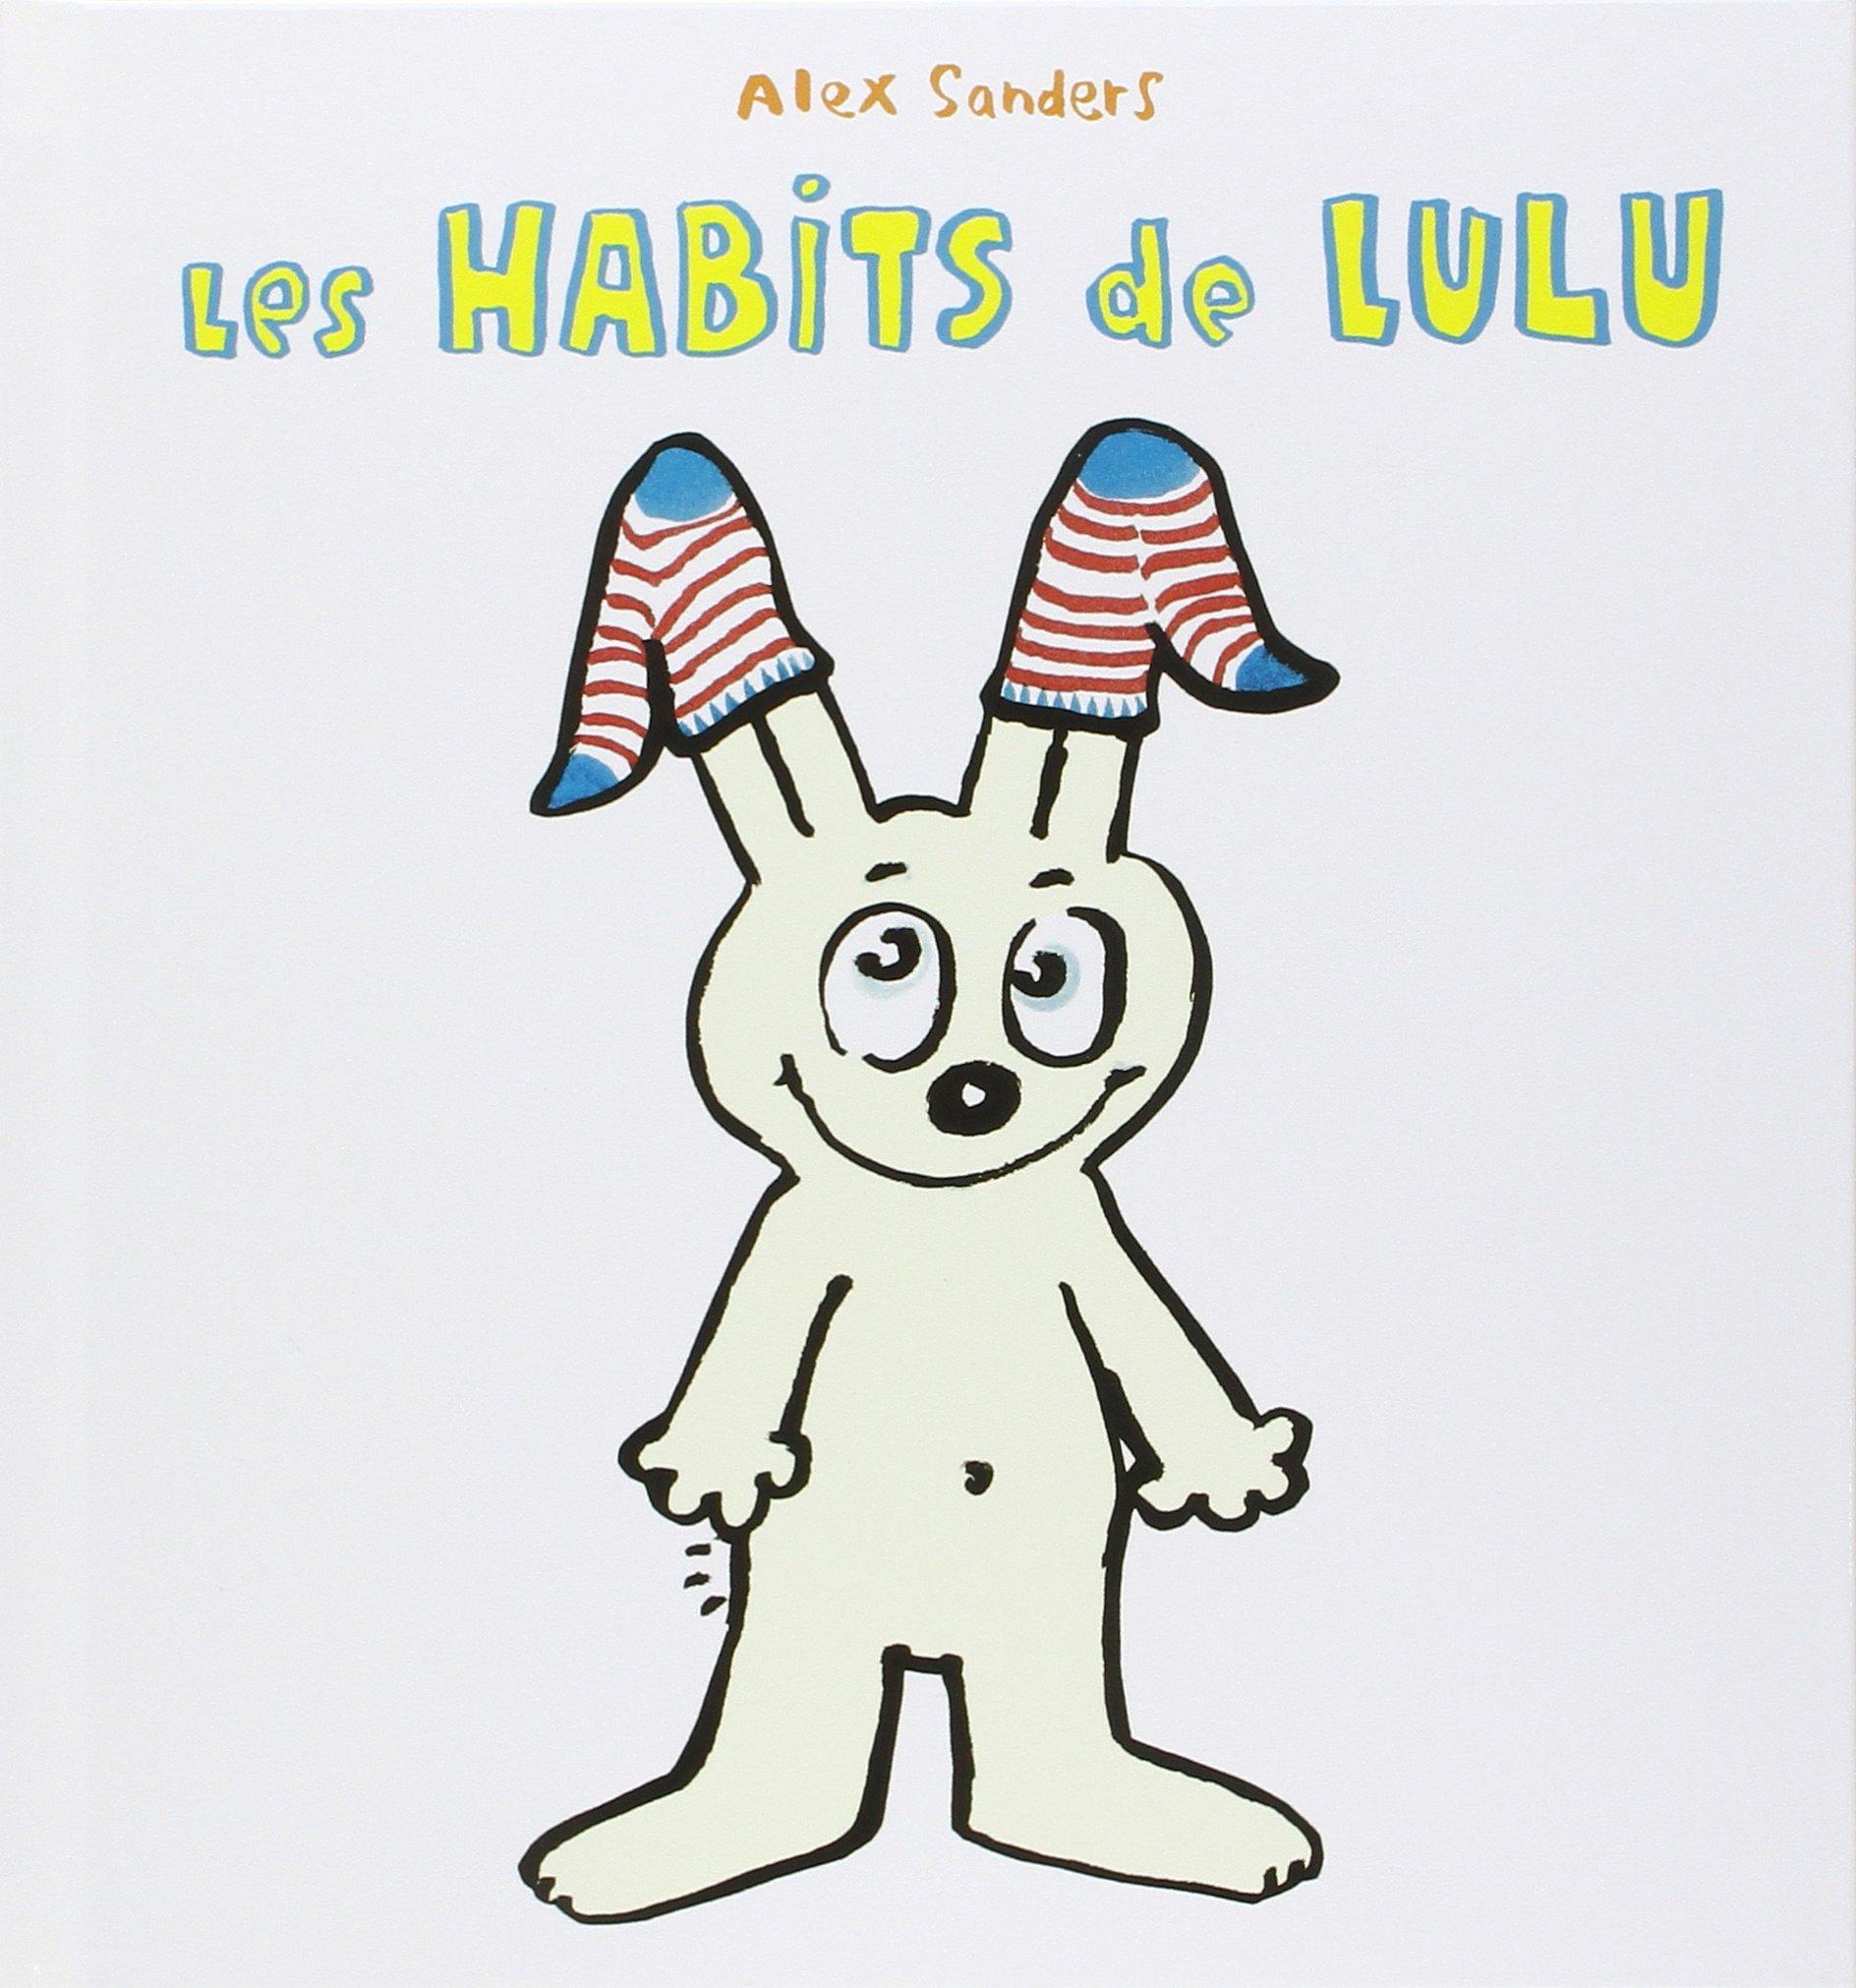 Les habits de Lulu Les habits de Lulu Alex Sanders